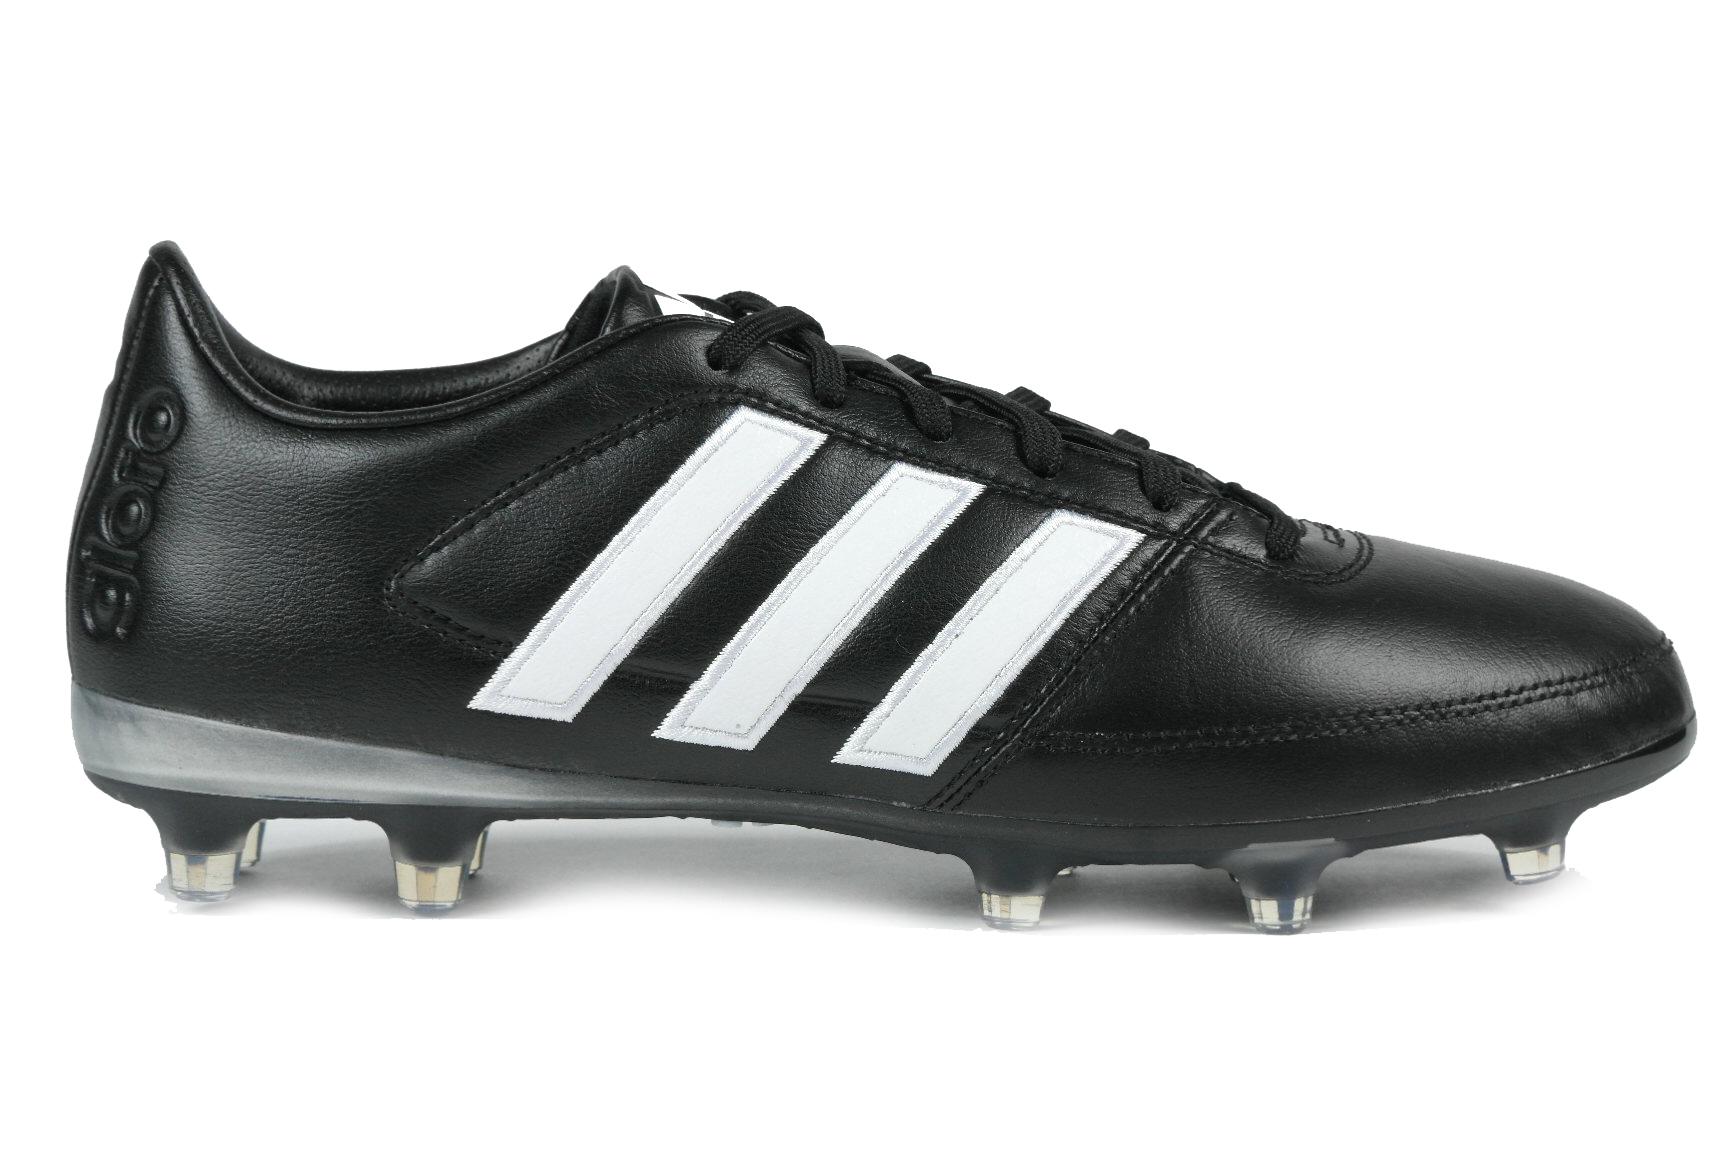 Adidas Gloro 16.1 FG Voetbalschoenen